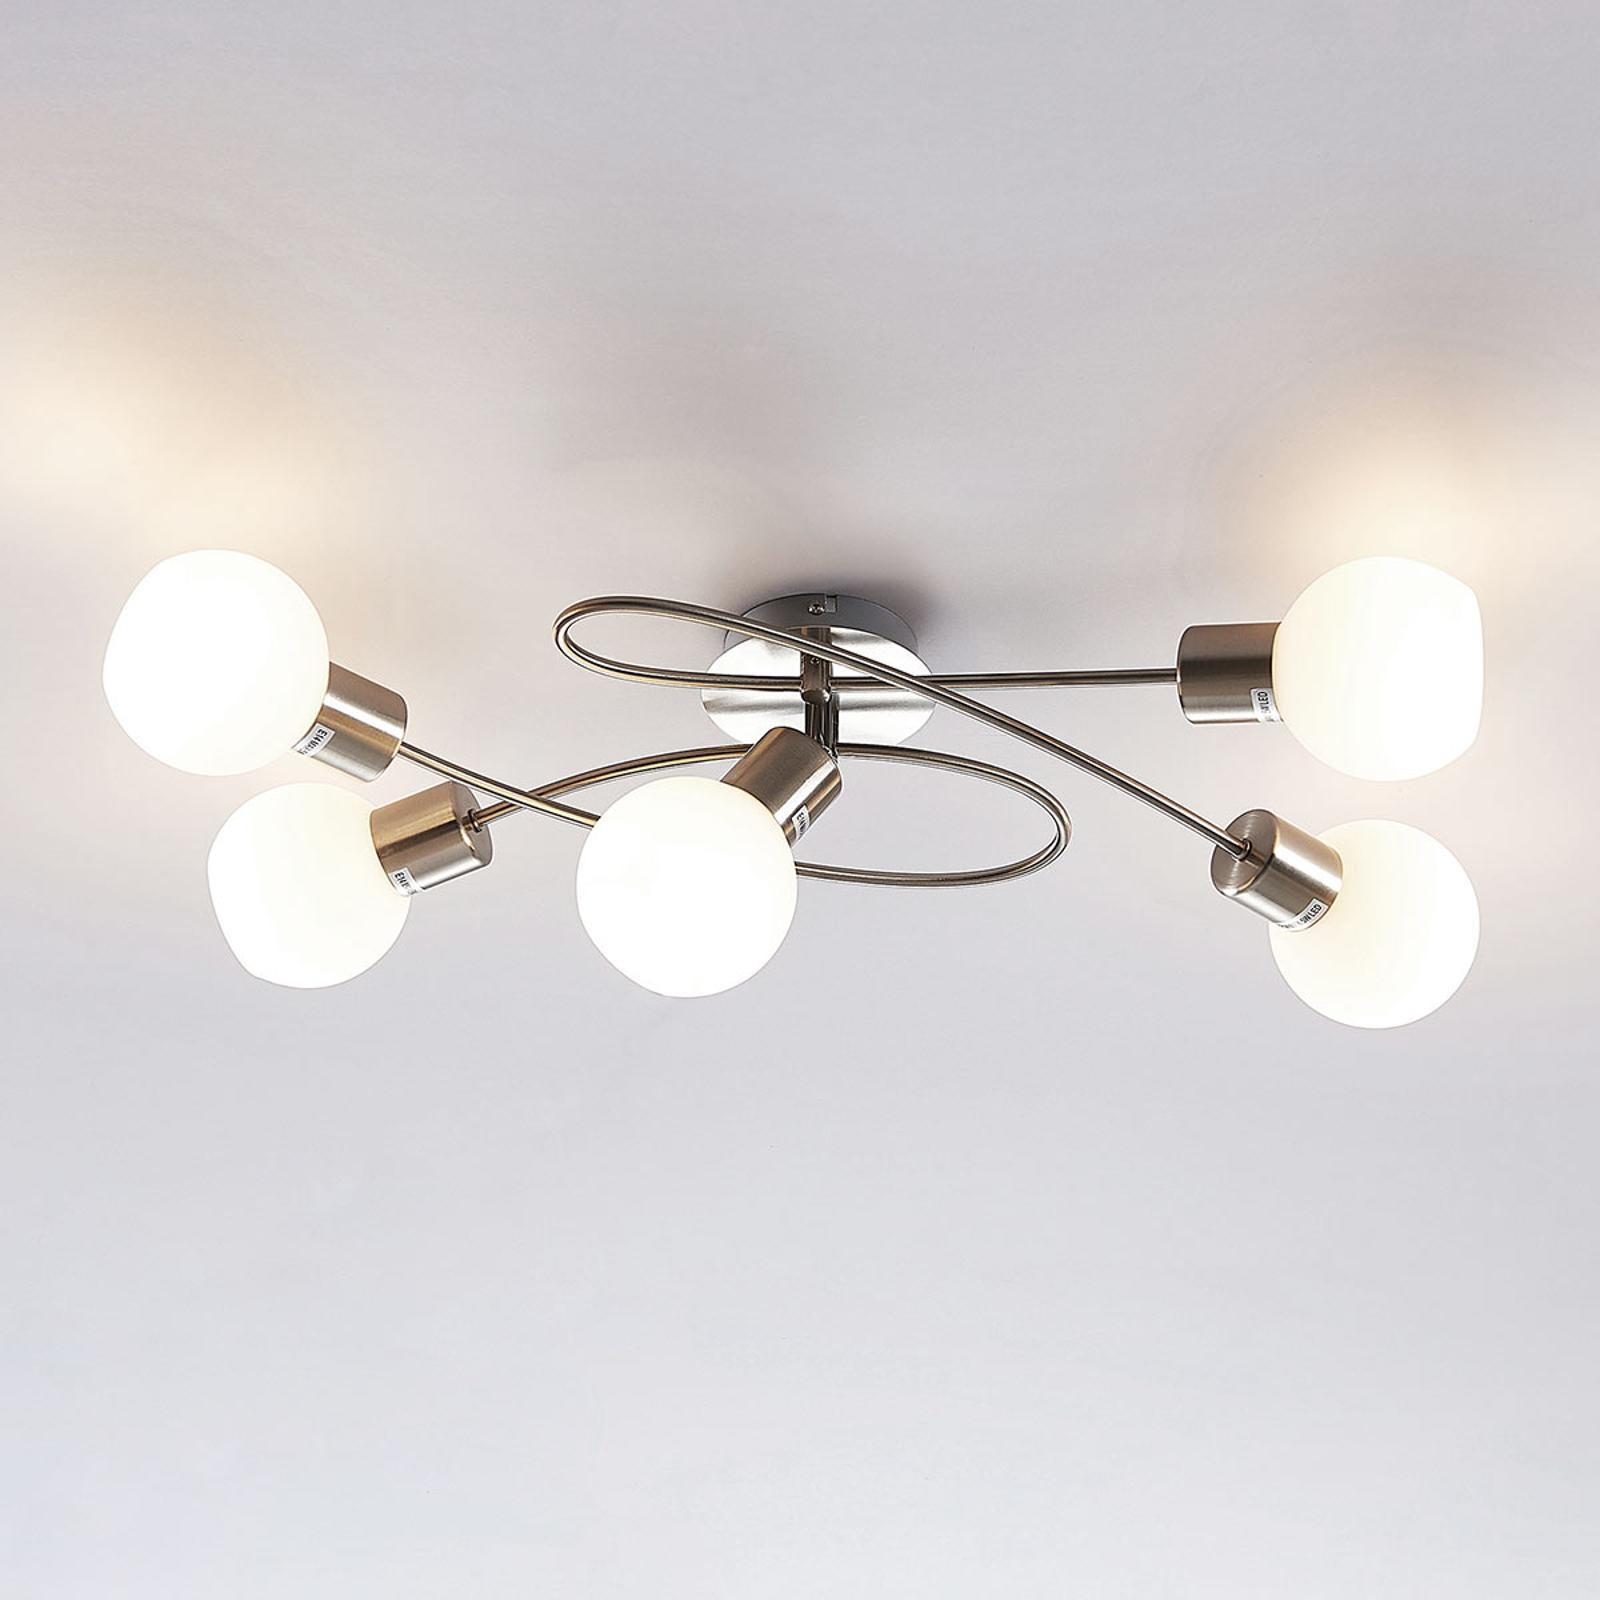 Led Ceiling Light Elaina 5 Bulb Nickel Matte Lights Co Uk